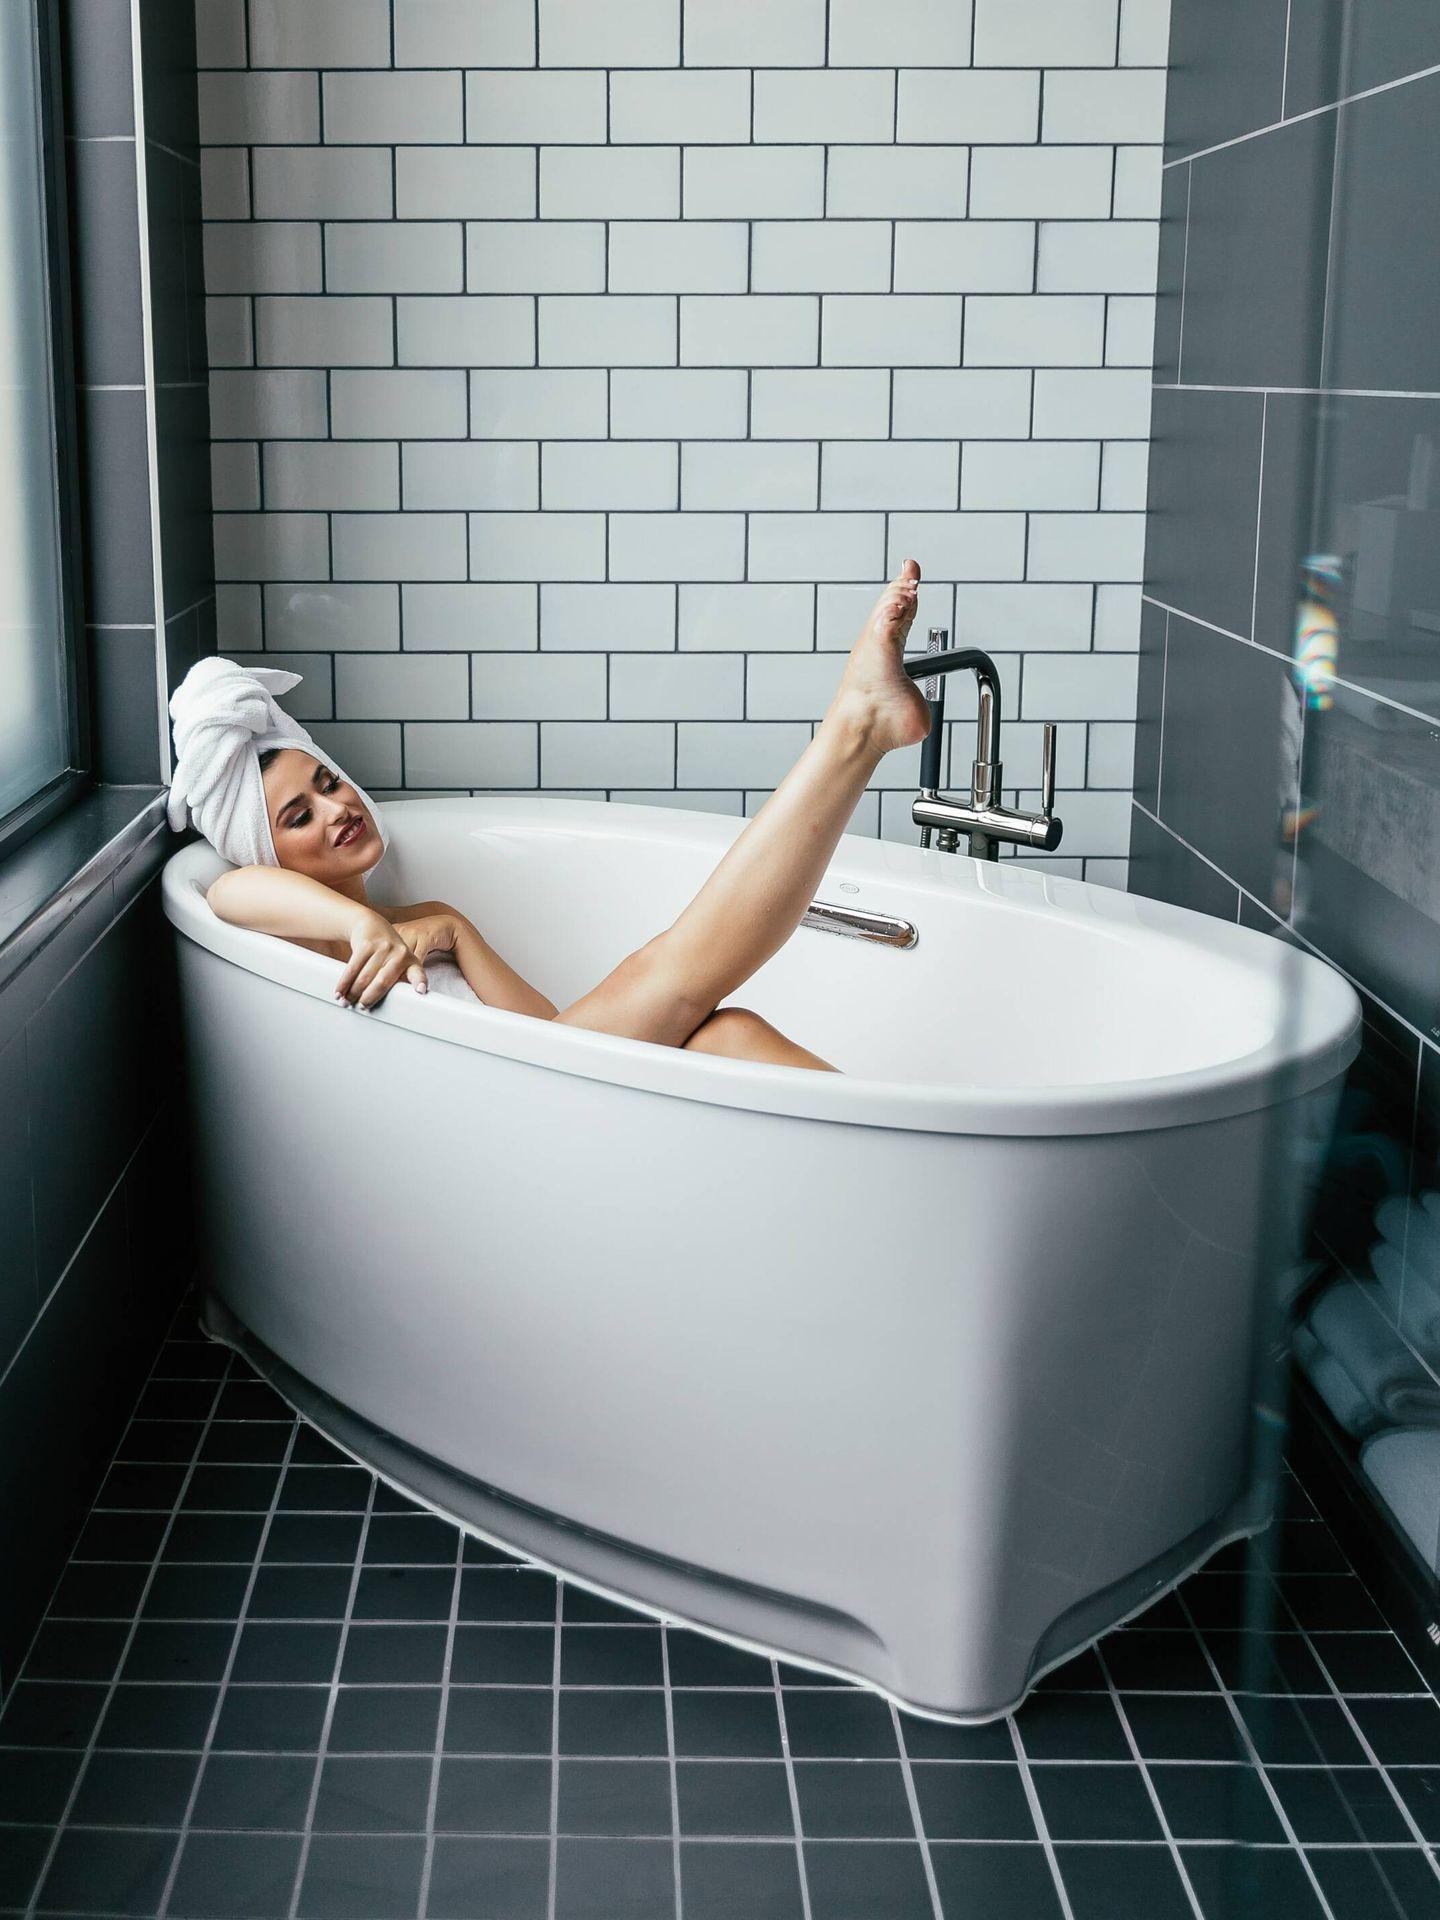 Ventajas e inconvenientes de tener bañera en el cuarto de baño. ( Spencer Davis para Unsplash)